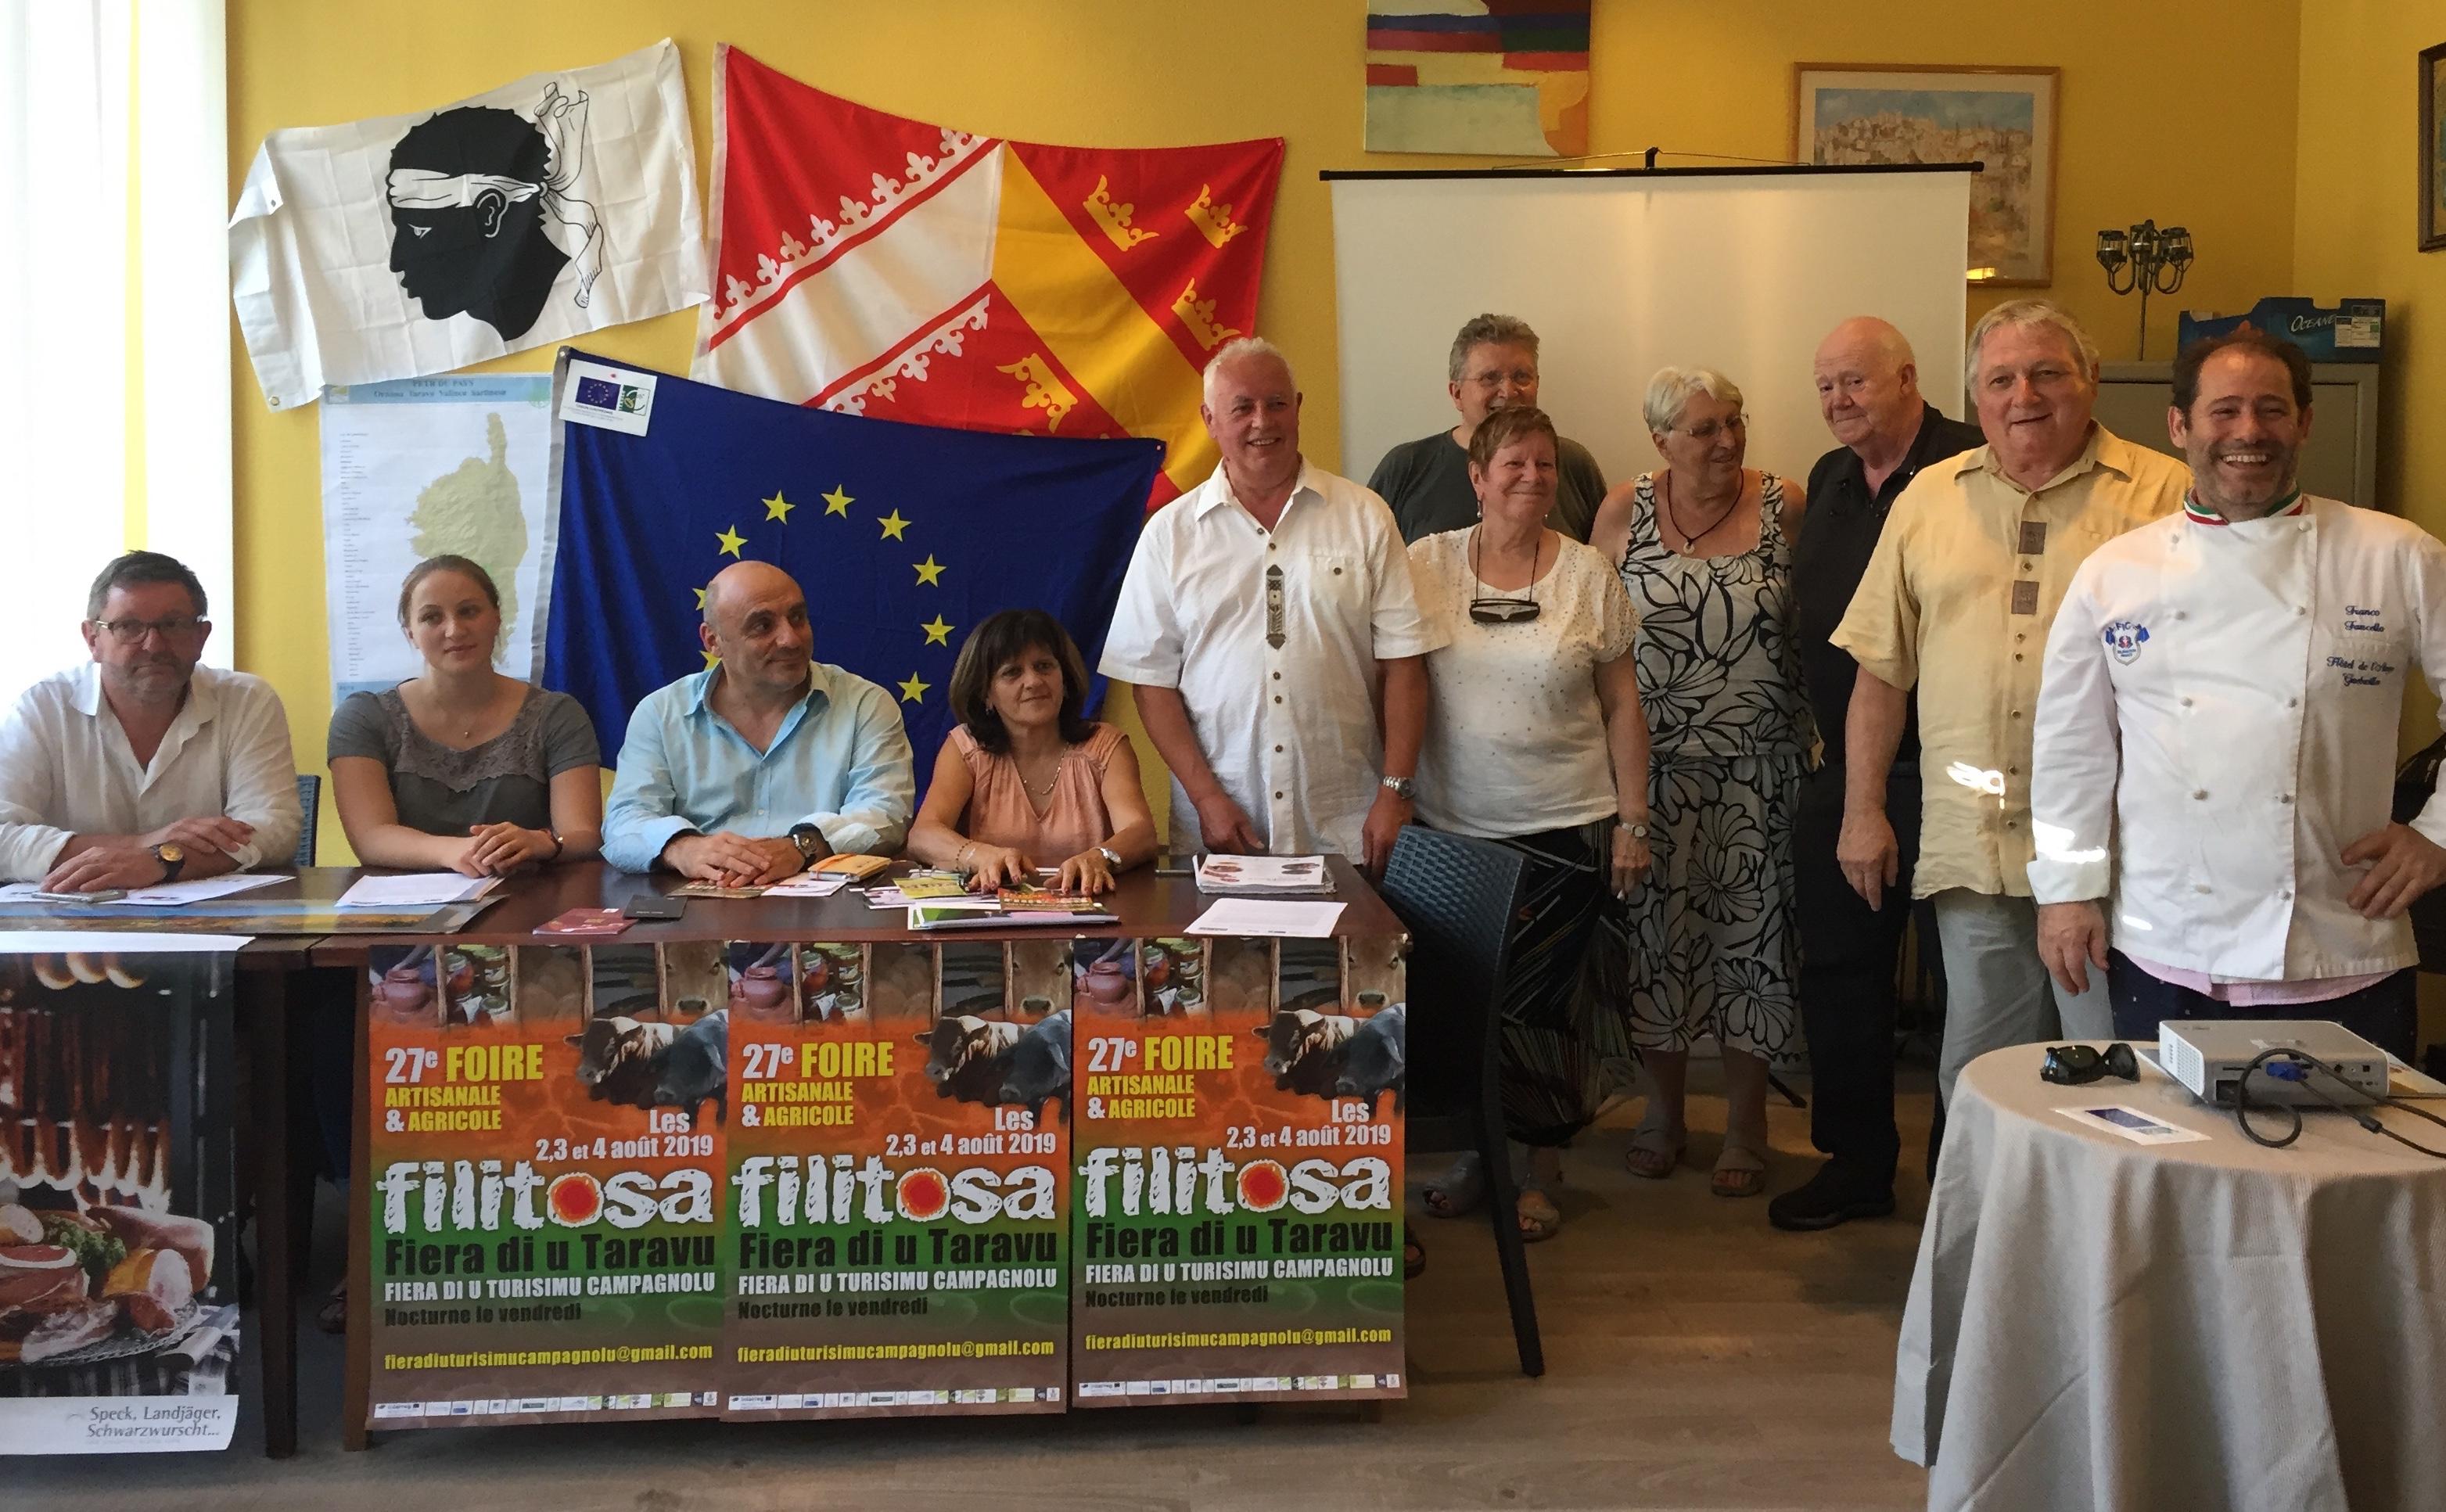 La présentation de la 27e foire de Filitosa a eu lieu le 1er Juillet dernier à l'hôtel de l'Ange à Guebwiller. A cette occasion Un repas des terroirs d'Europe a été servi à plus de cent convives